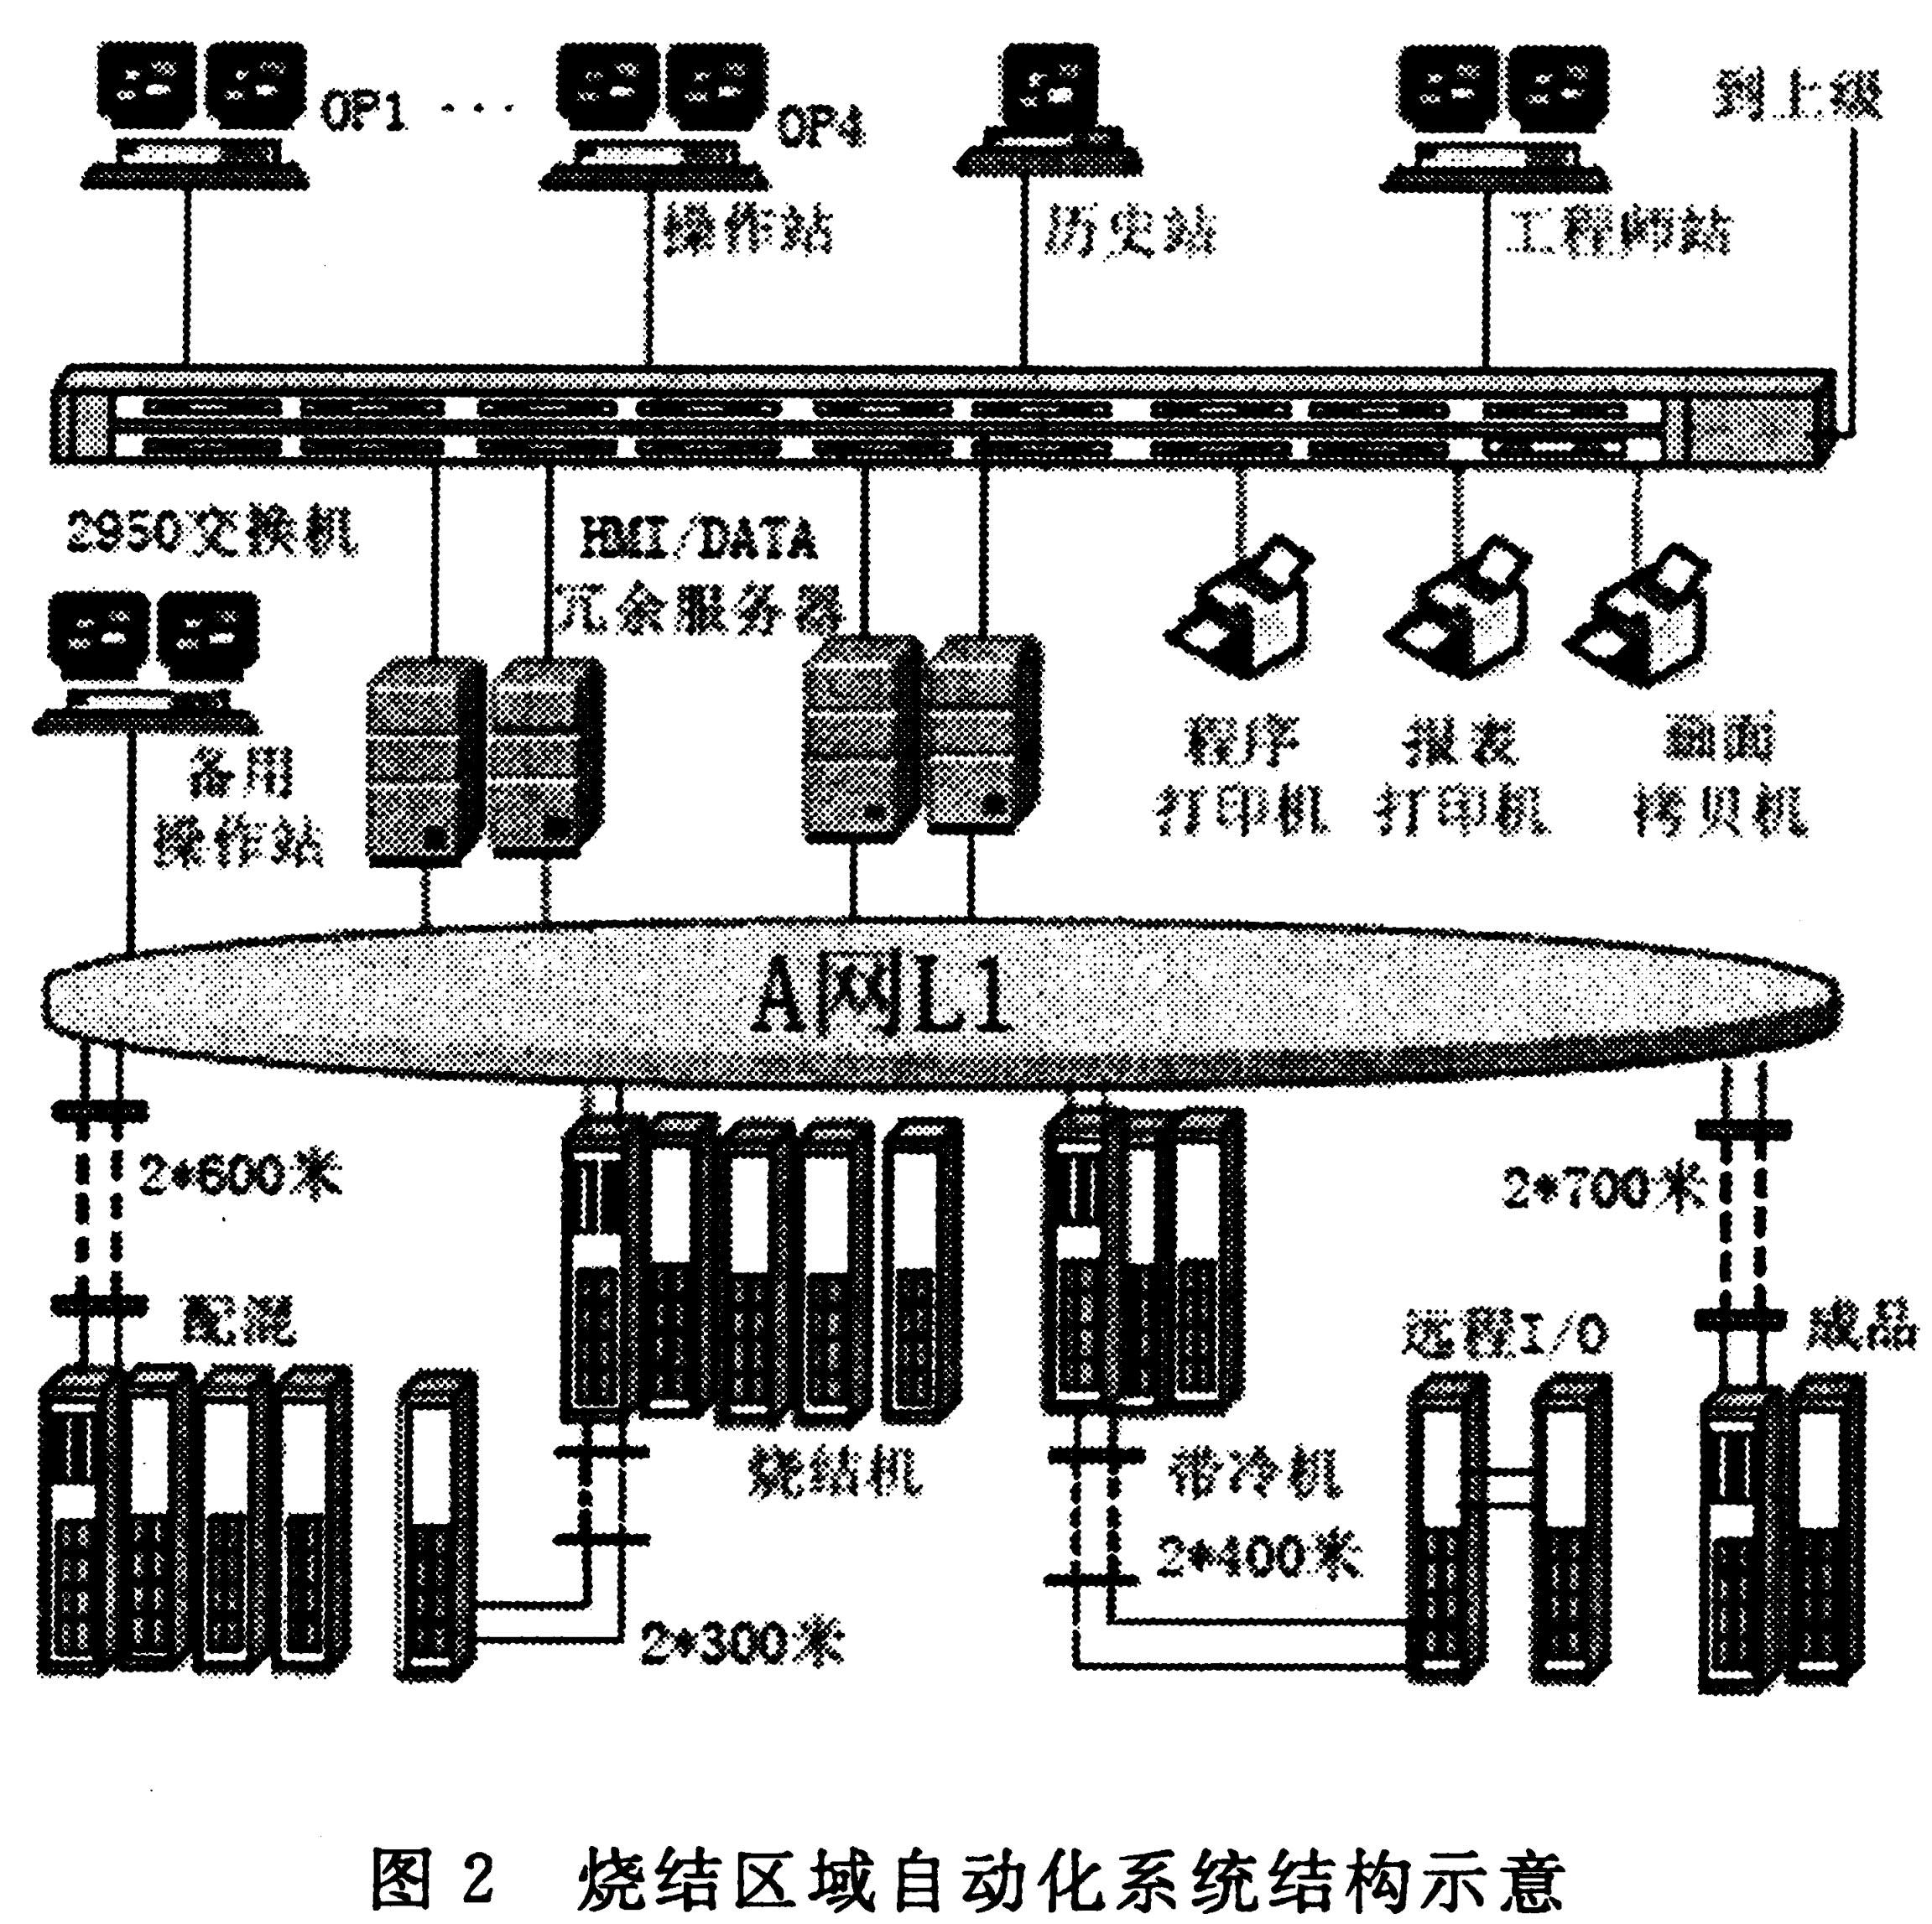 竖炉鼓风机结构图